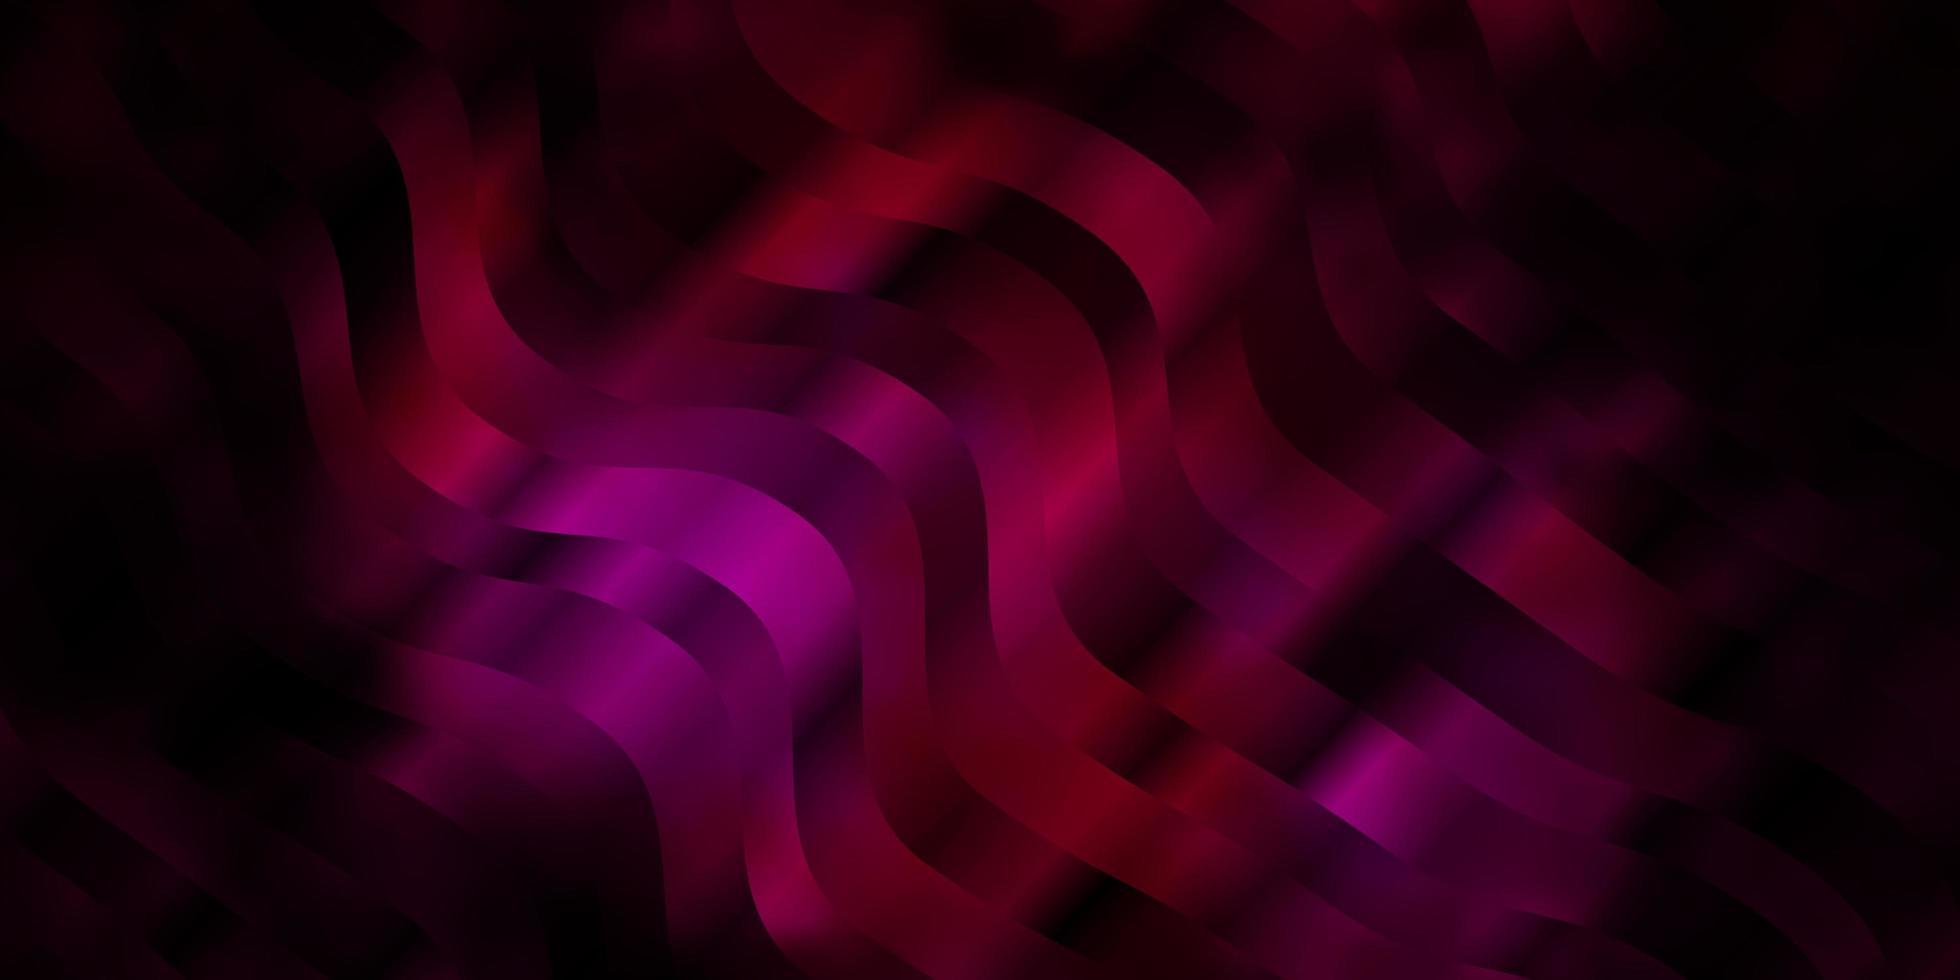 donkerroze vector achtergrond met lijnen.